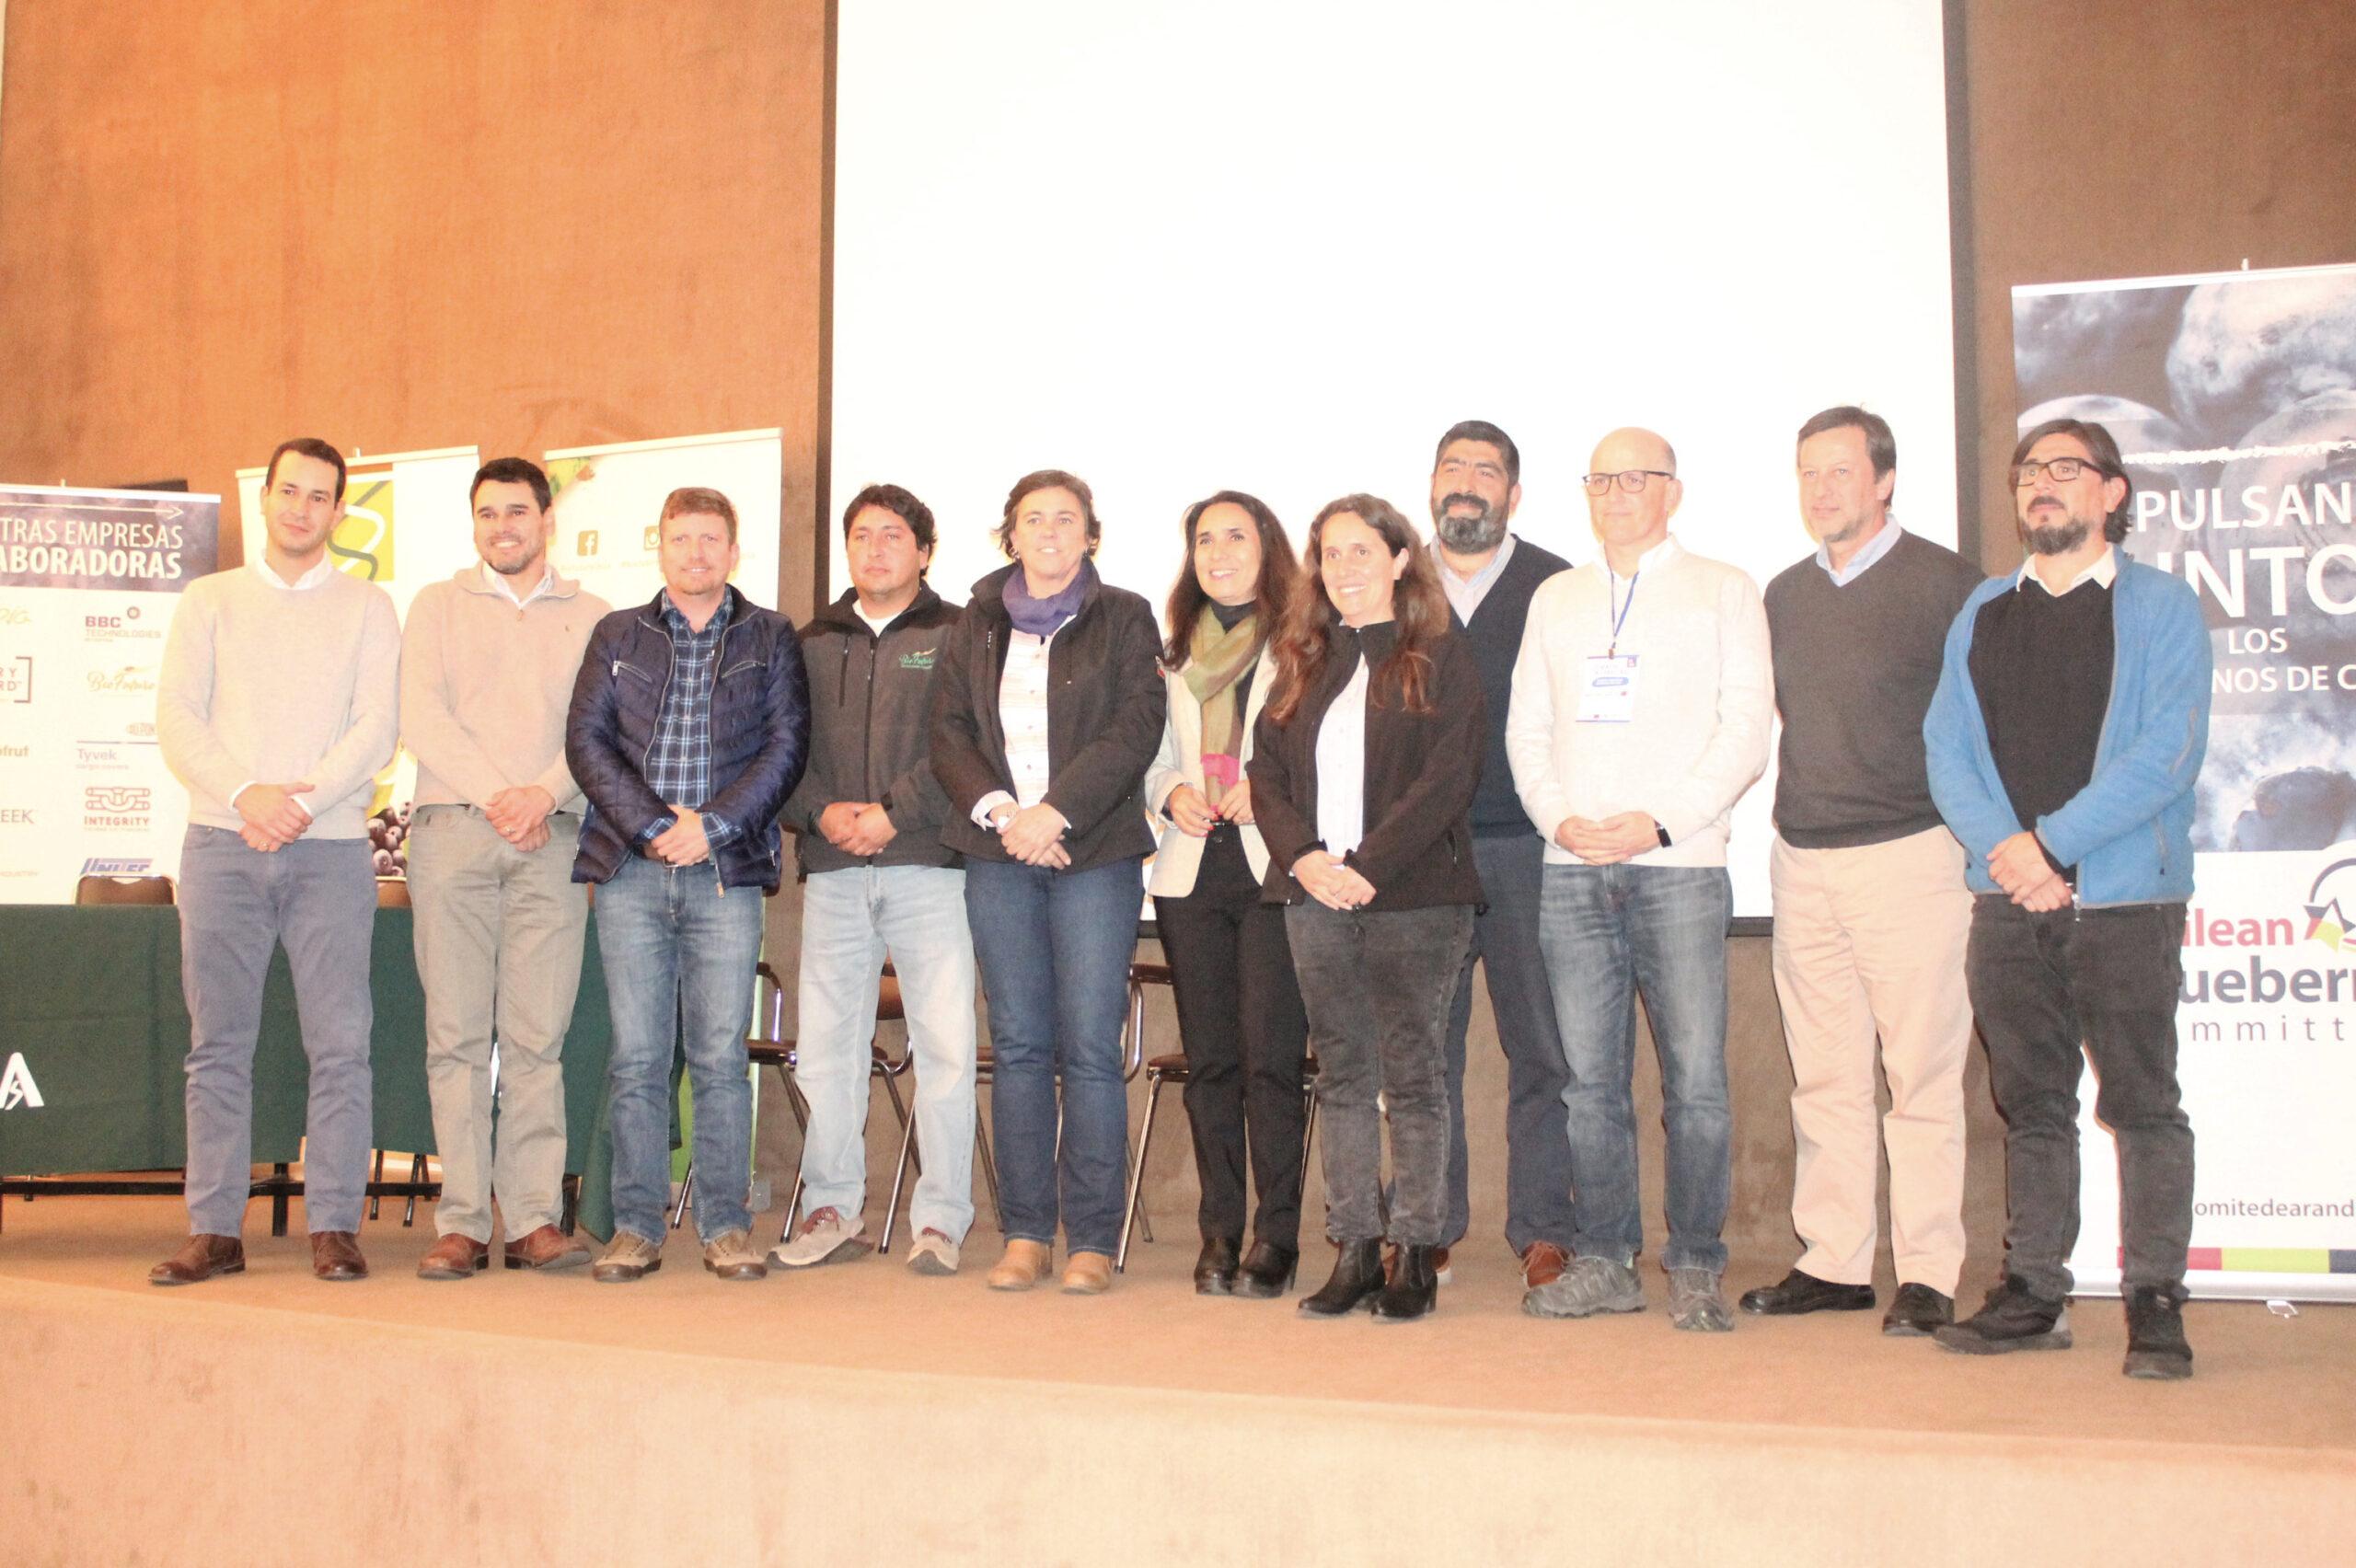 """SEMINARIO INTERNACIONAL """"Desafíos de la industria del Arándano en el Sur de Chile"""""""